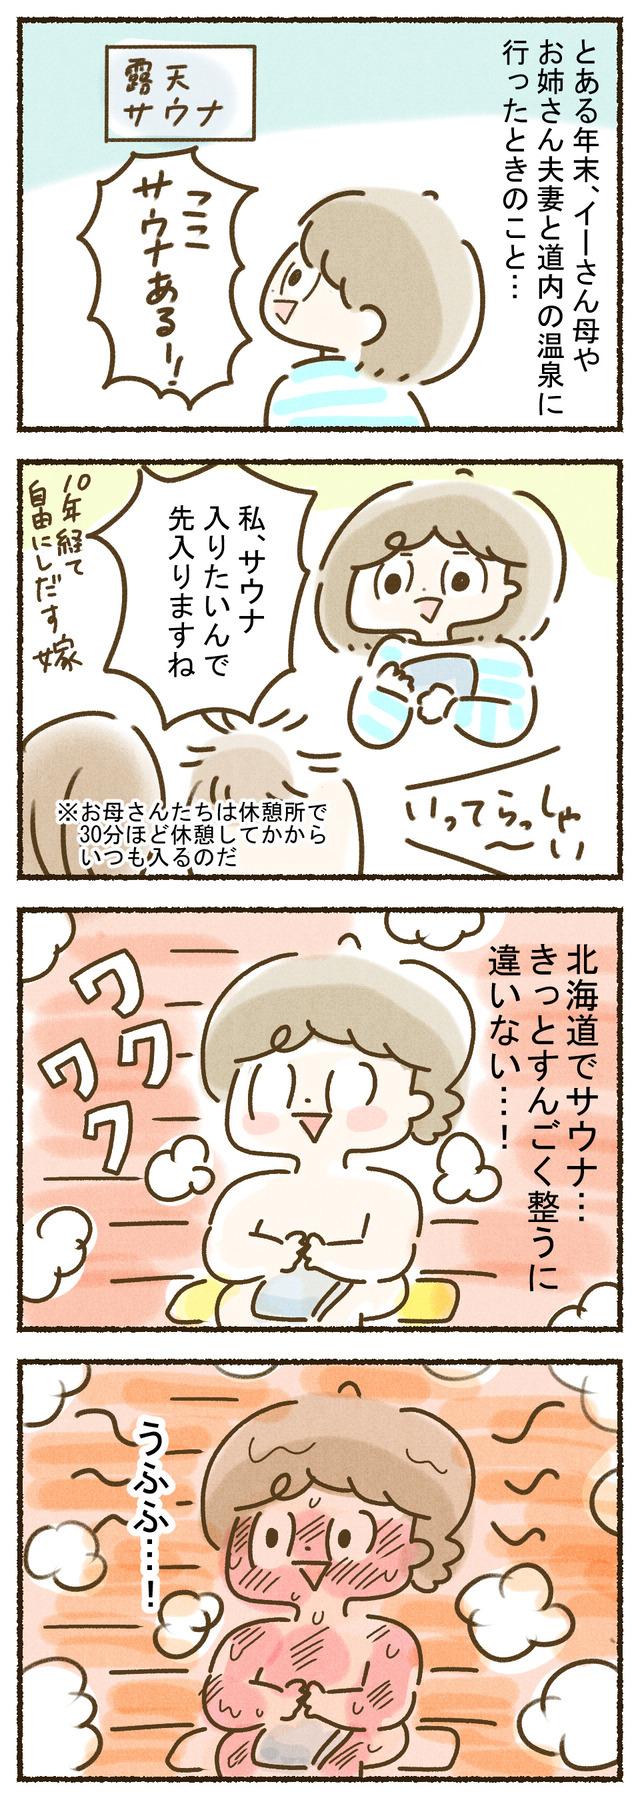 kitanosauna01